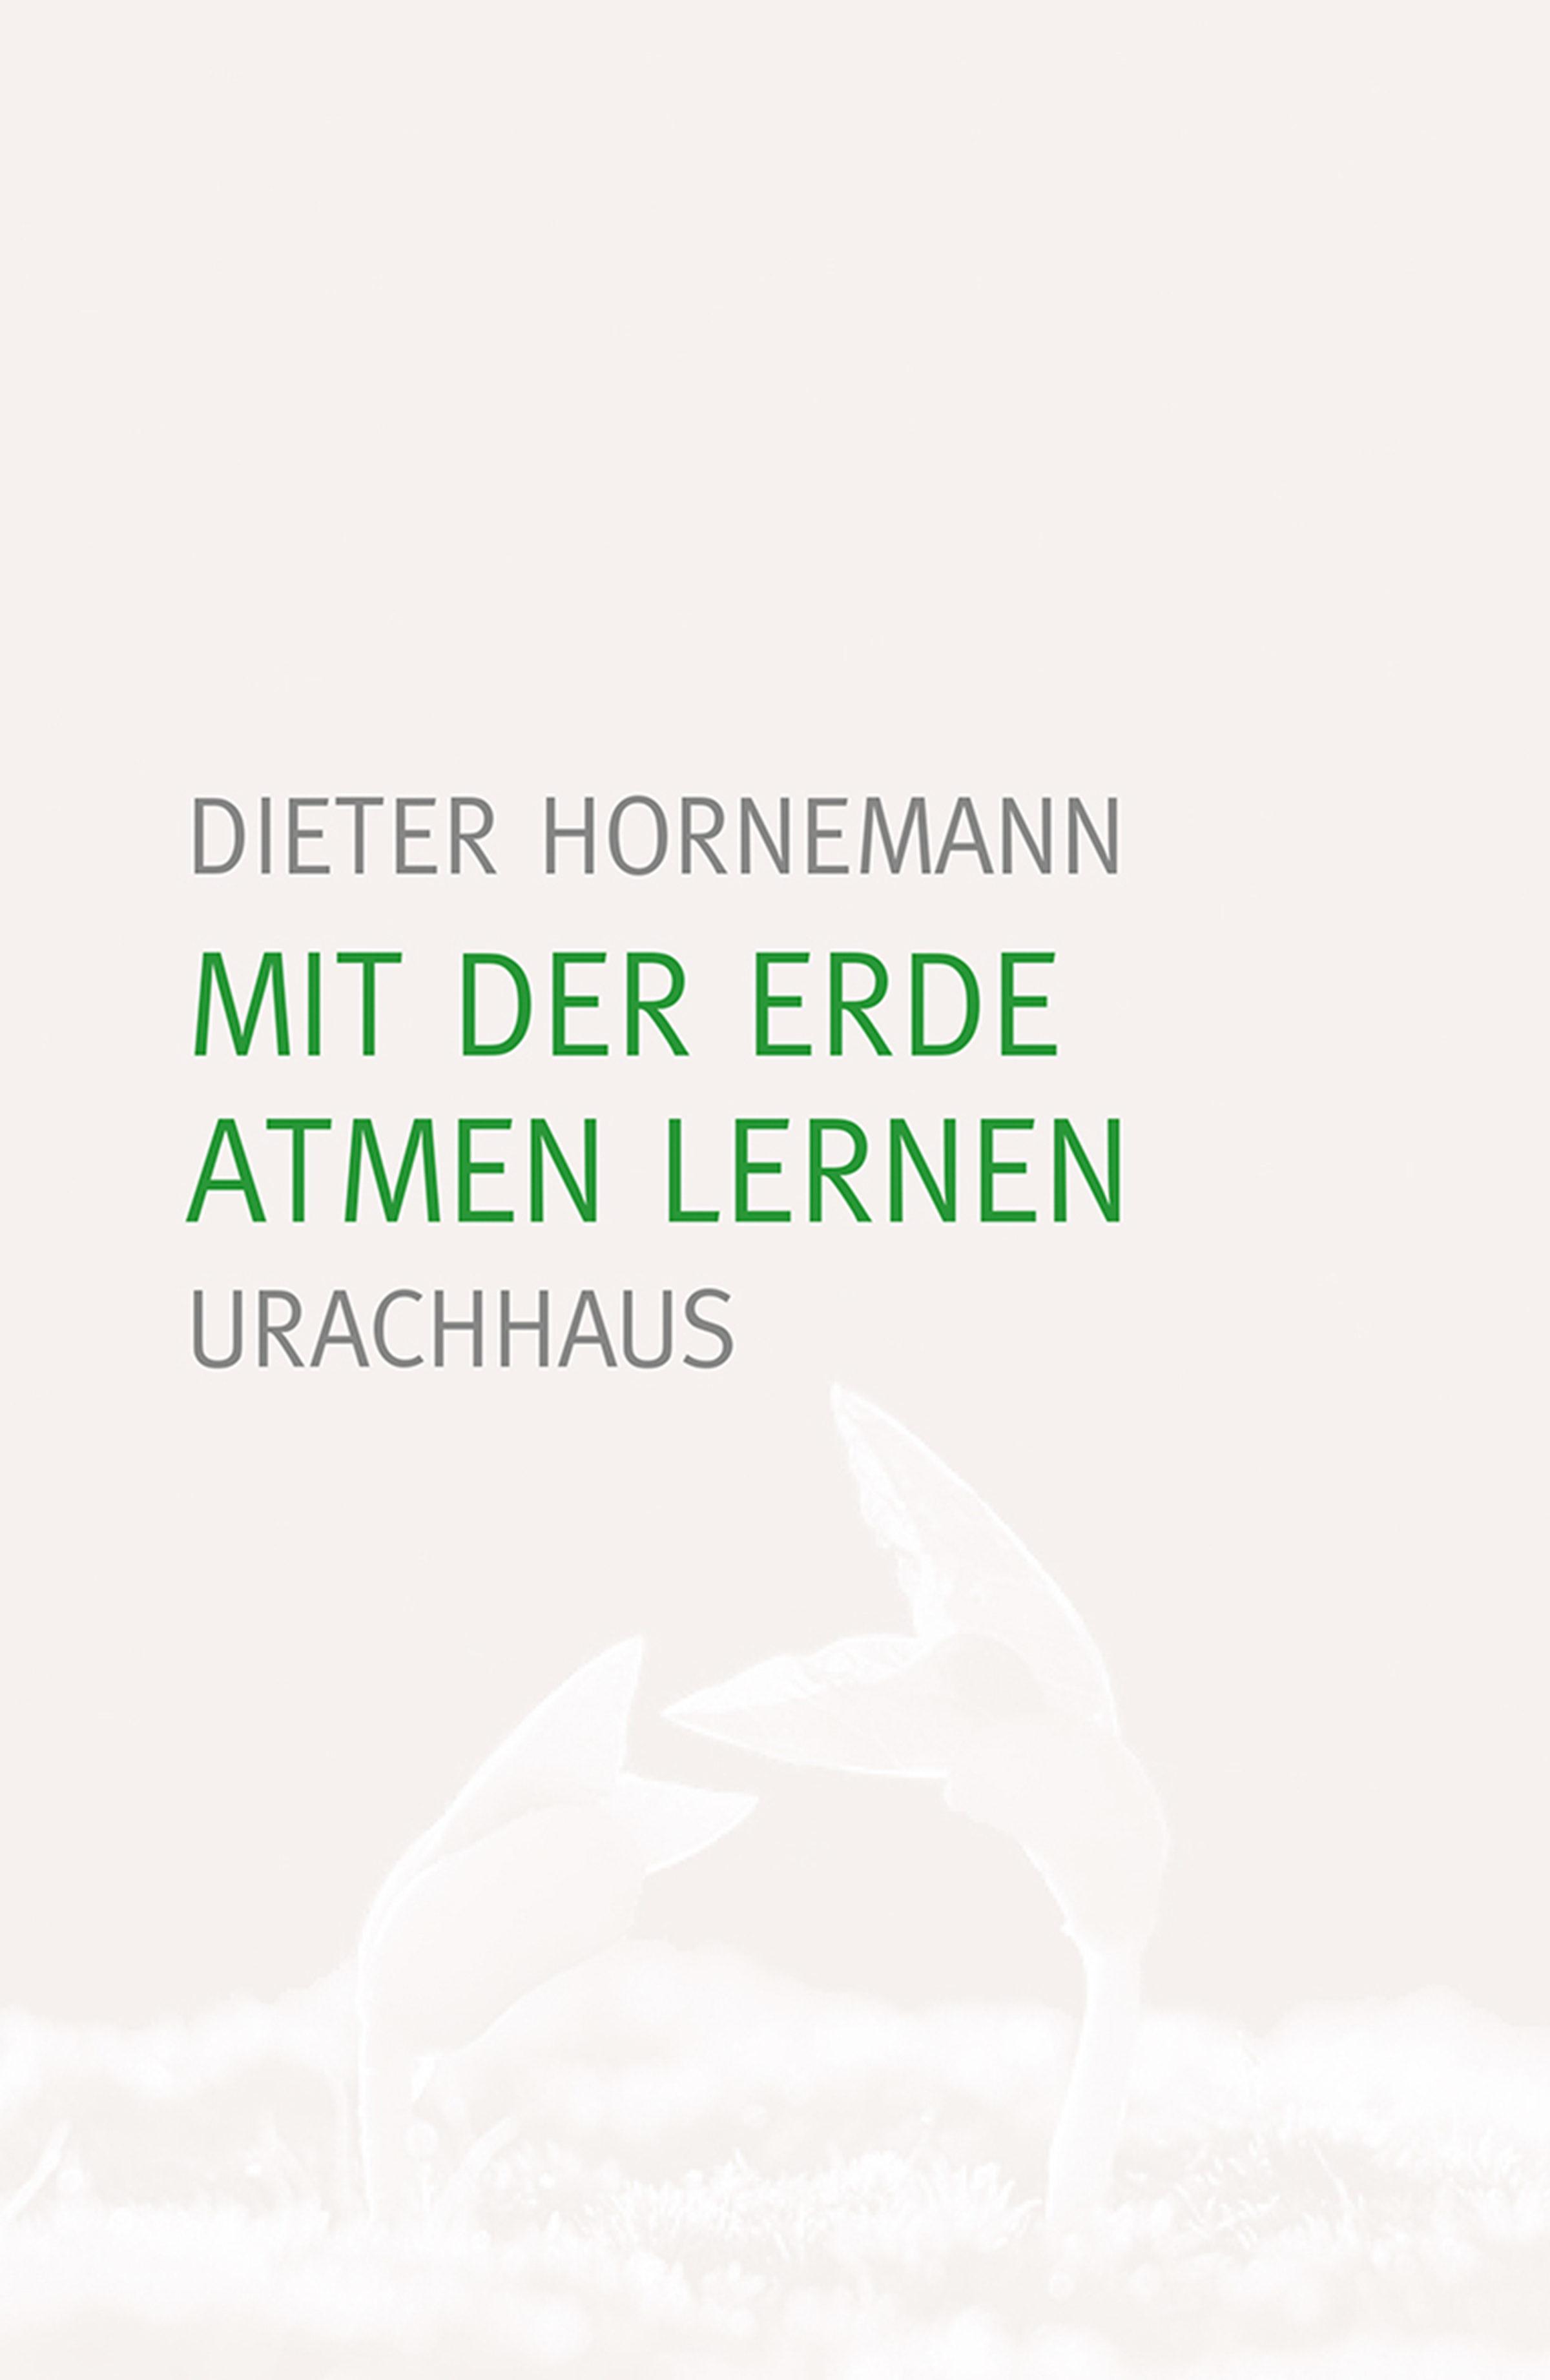 Mit Der Erde Atmen Lernen   por Dieter Hornemann epub